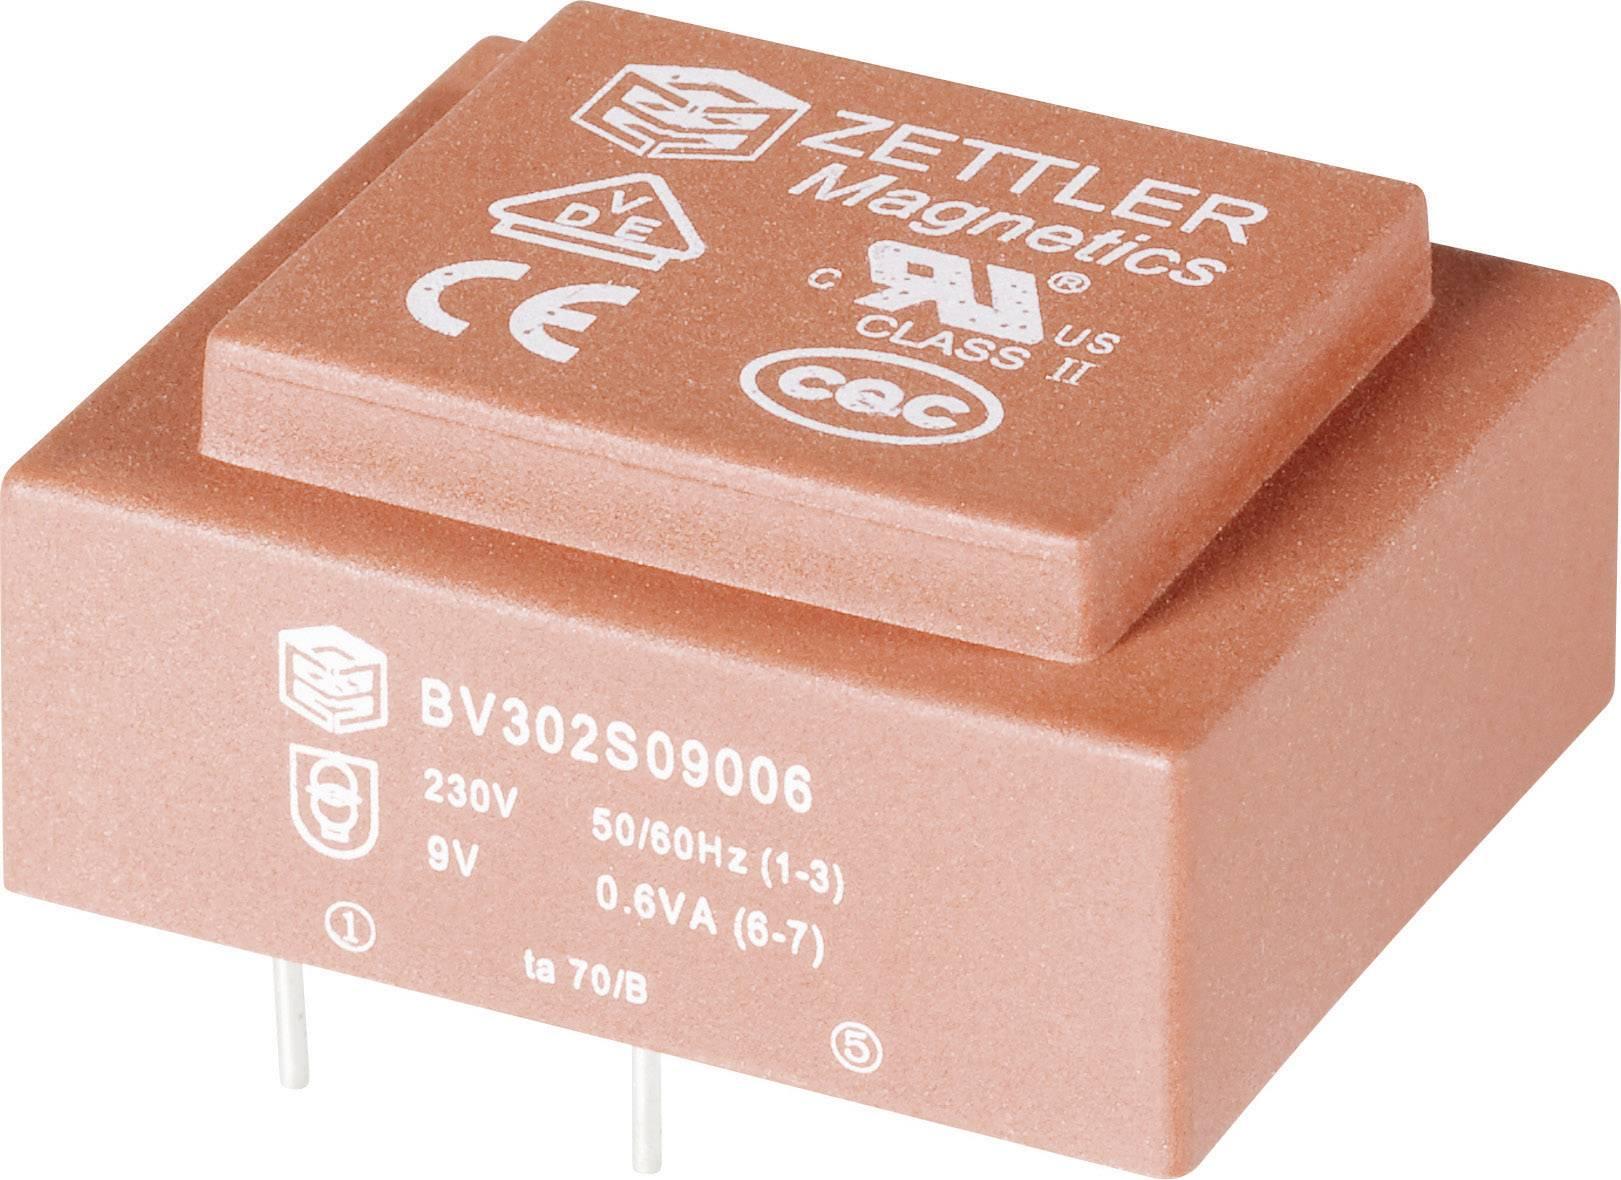 Transformátor do DPS Zettler Magnetics El30, 230 V/2x 12 V, 2x 25 mA, 1 VA